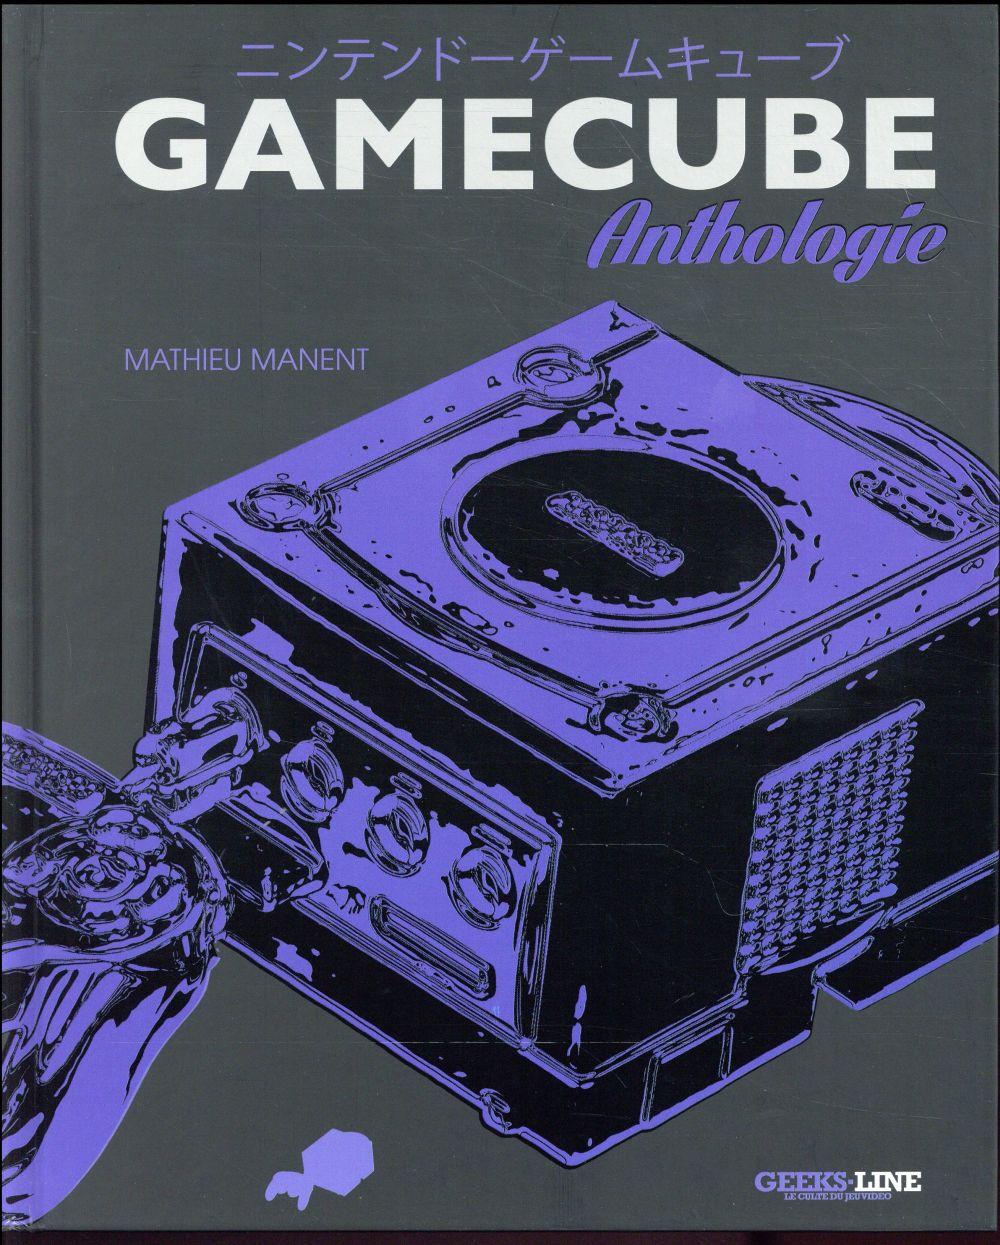 GAMECUBE ANTHOLOGIE